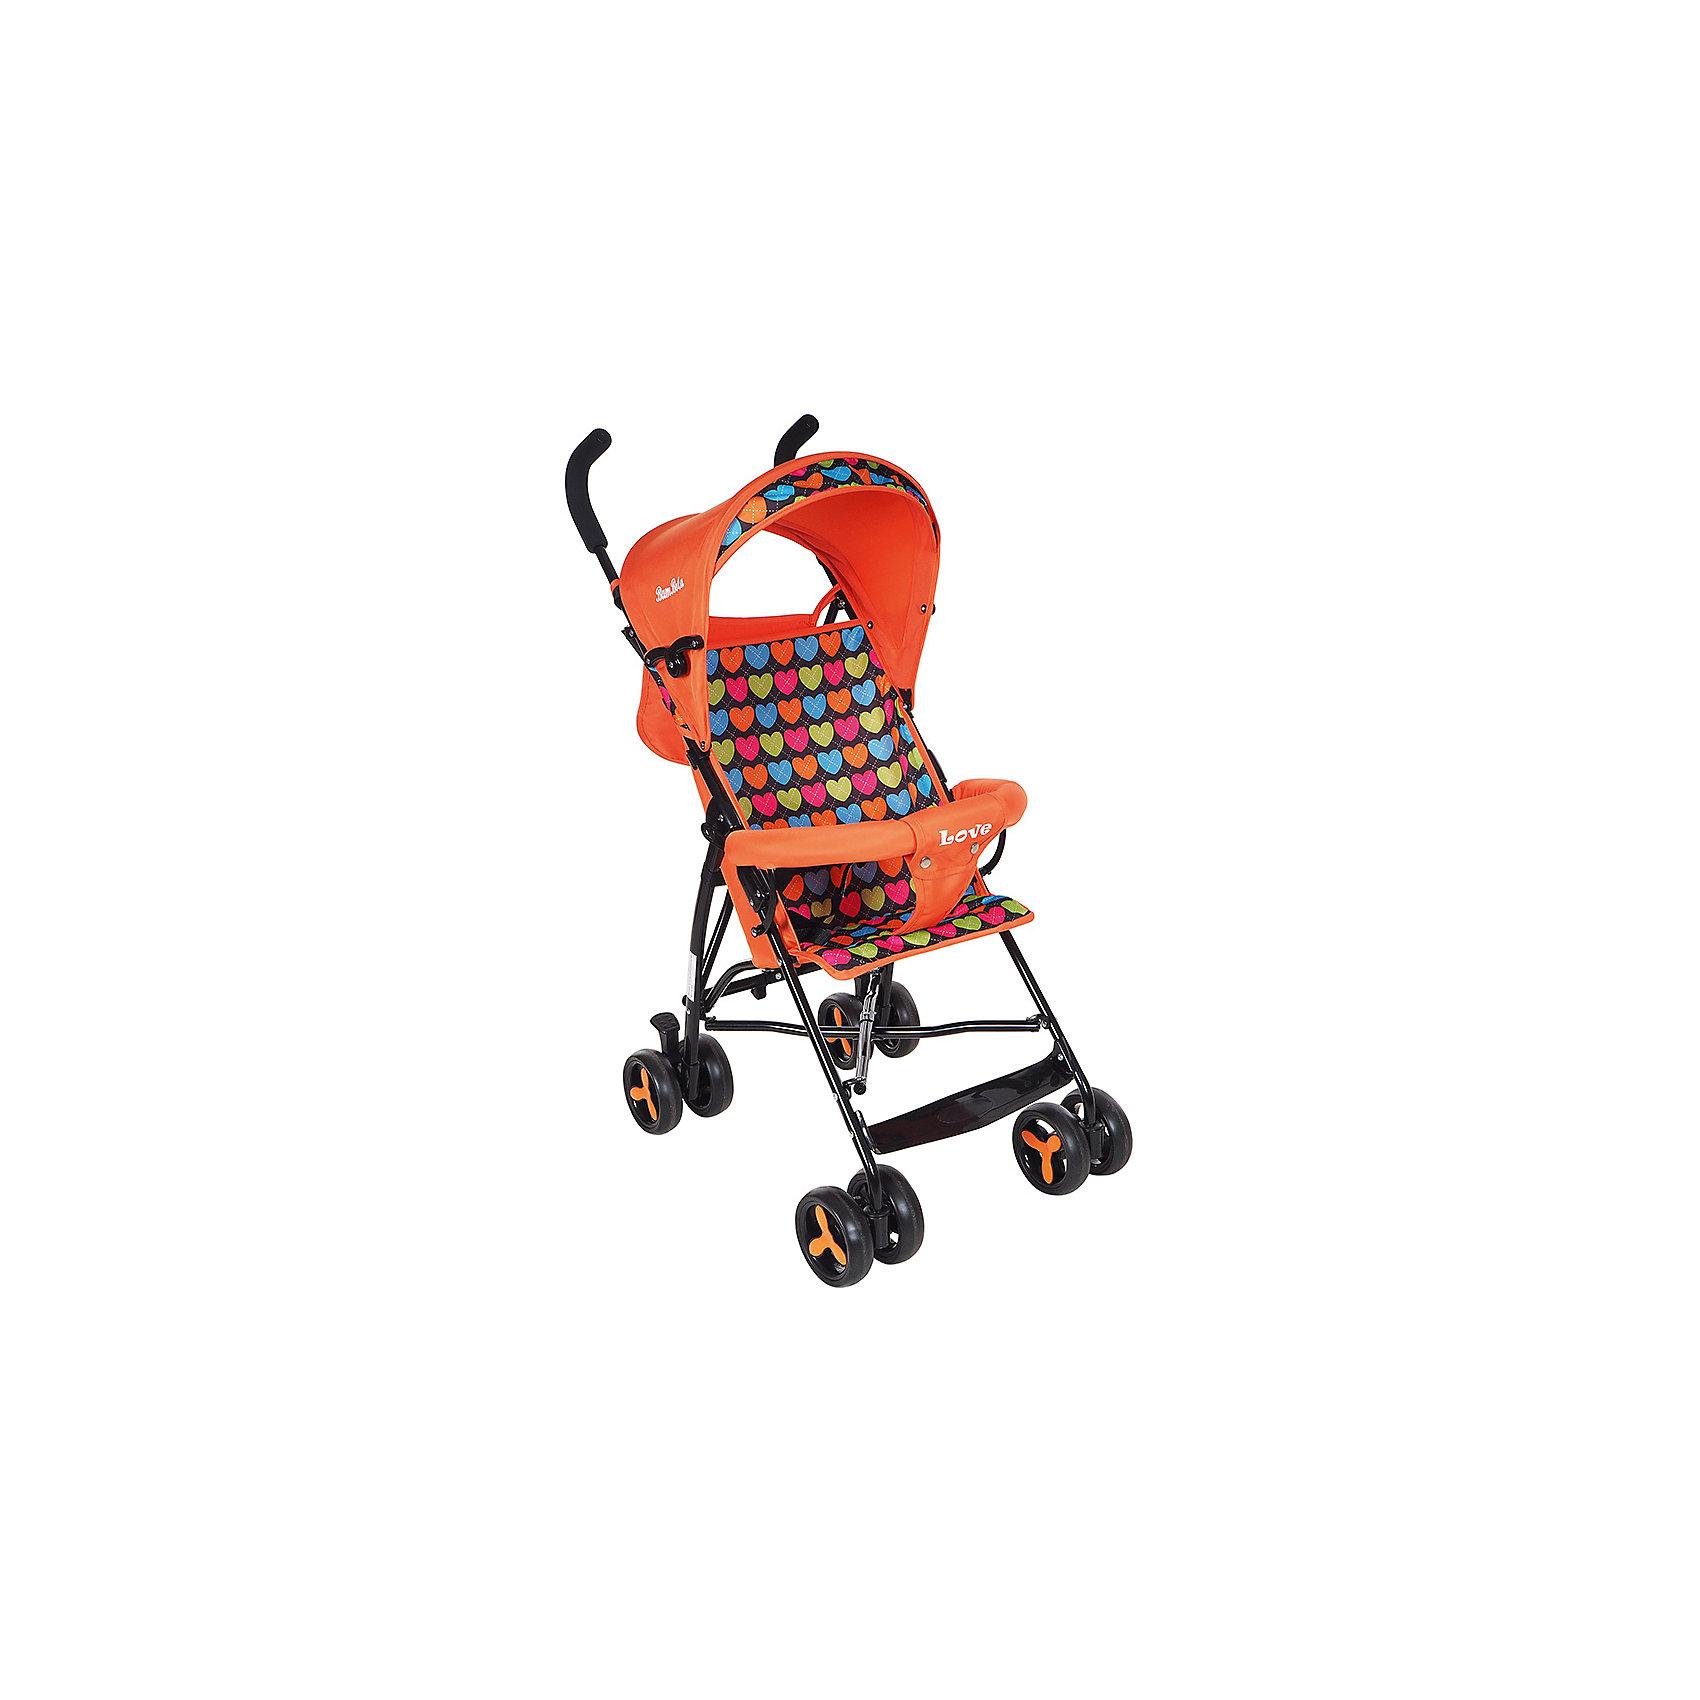 Коляска-трость Bambola Love, оранжевыйНедорогие коляски<br>BAMBOLA Коляска трость LOVE (8 колес, регулировка спинки, бампер, сумка) оранжевый, уп.4шт.<br><br>Ширина мм: 300<br>Глубина мм: 400<br>Высота мм: 1040<br>Вес г: 5130<br>Возраст от месяцев: 8<br>Возраст до месяцев: 36<br>Пол: Унисекс<br>Возраст: Детский<br>SKU: 5559179